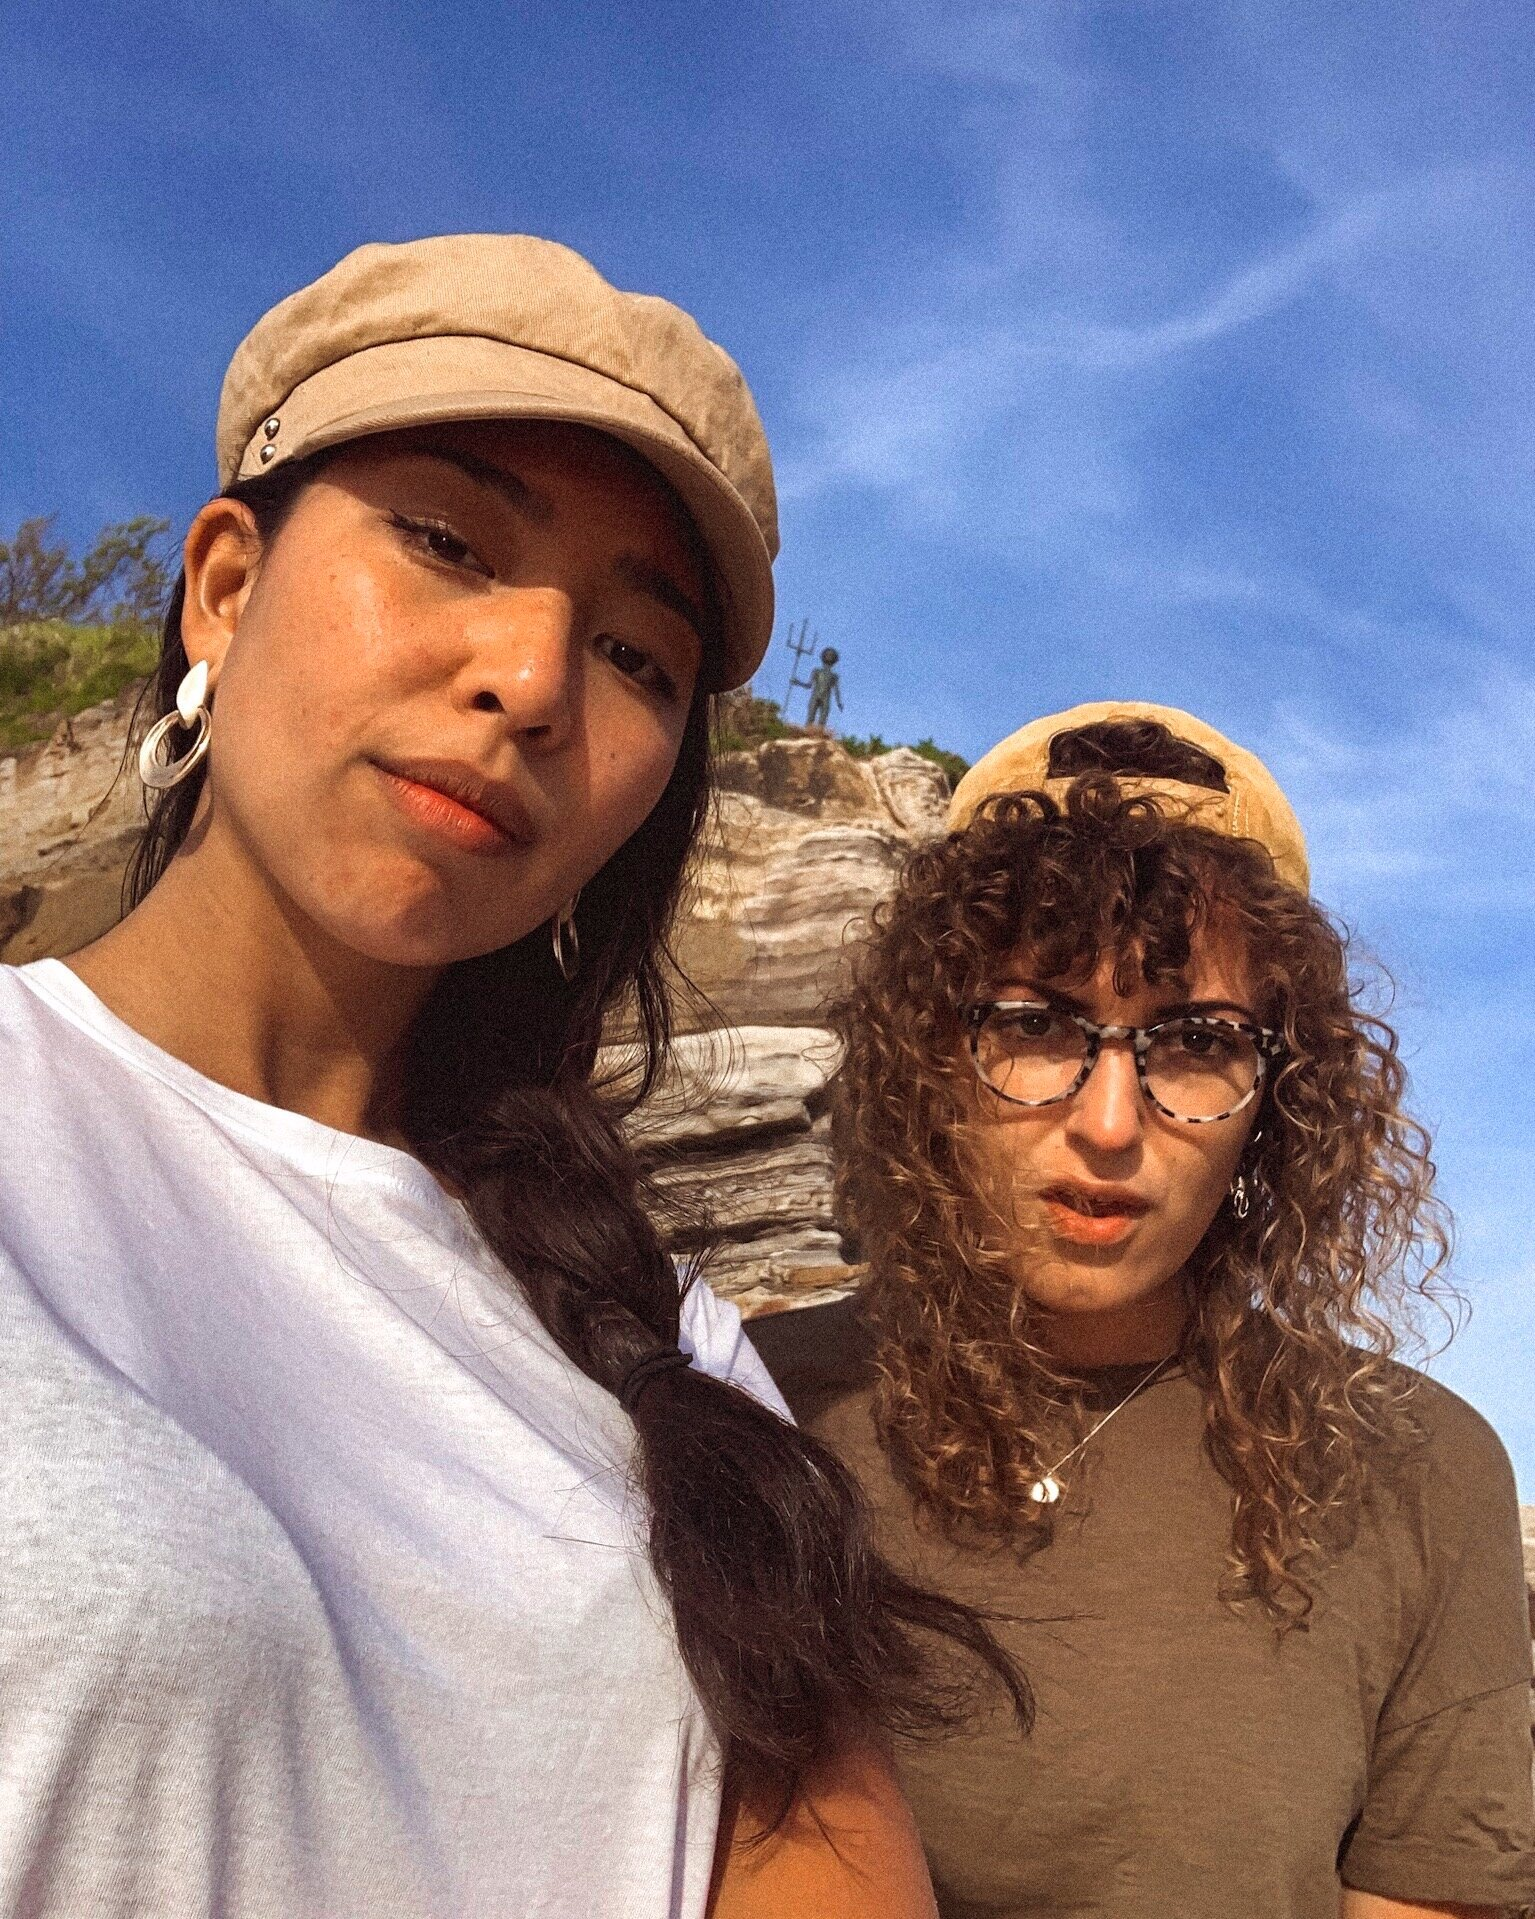 two-girl-friends-santander-merman-statue-spain.jpg